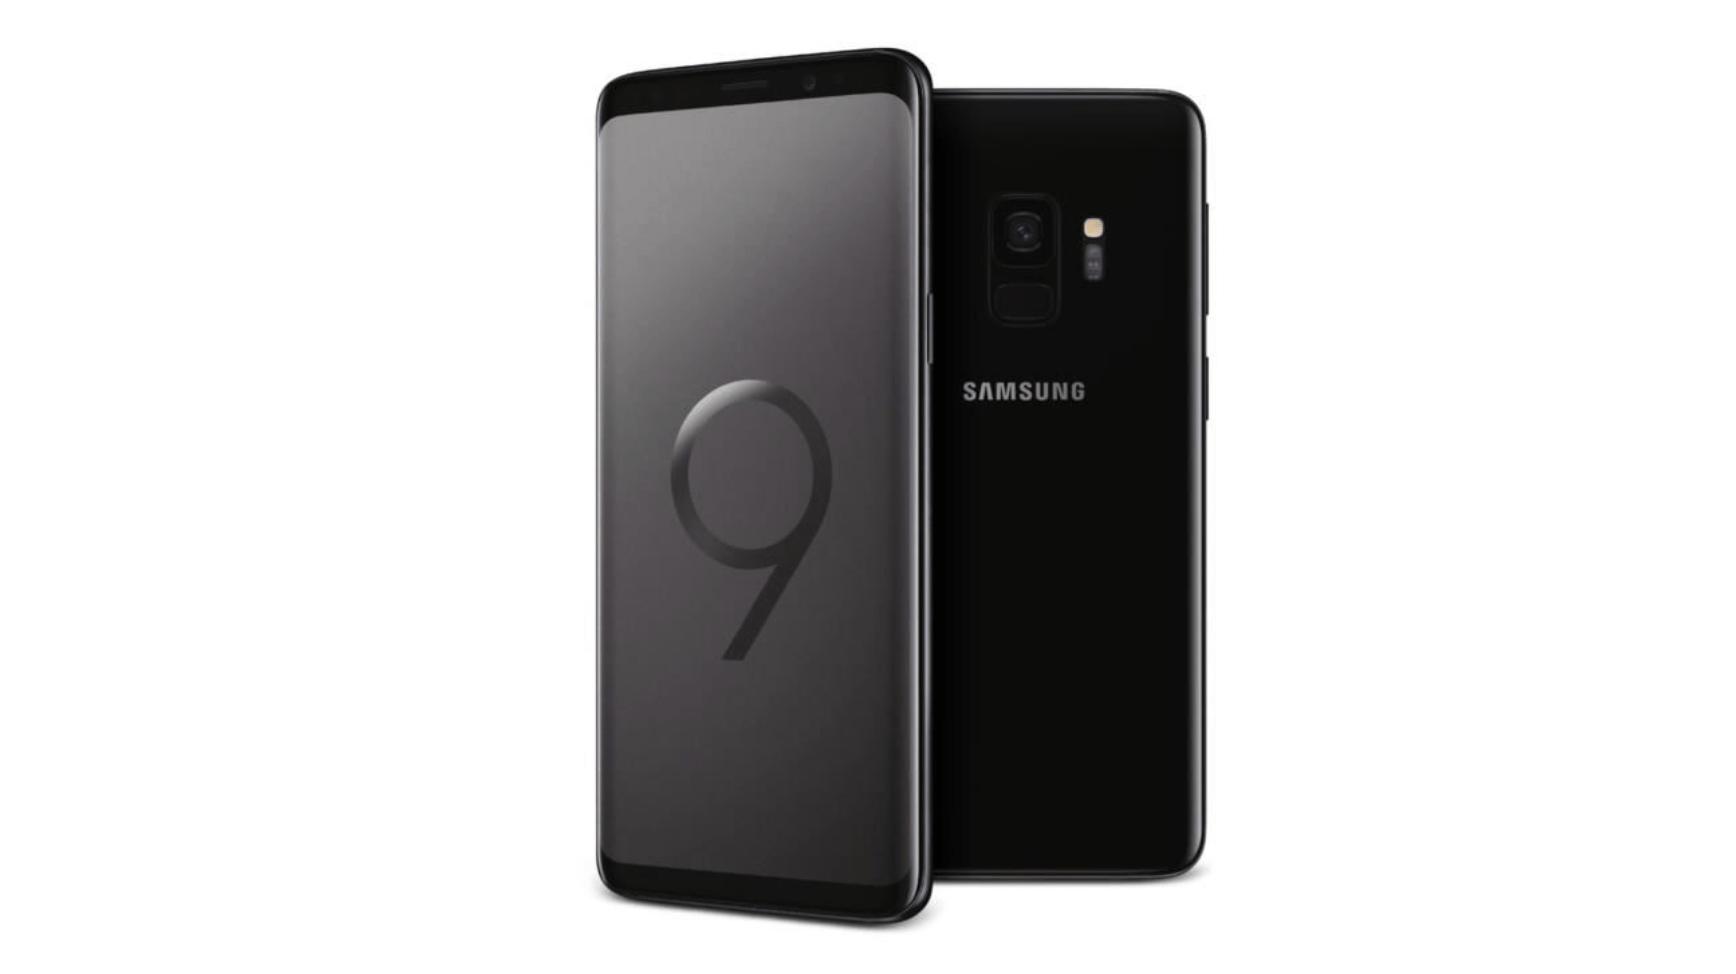 🔥 Bon plan : le Samsung Galaxy S9 est disponible à partir de 499 euros sur Cdiscount